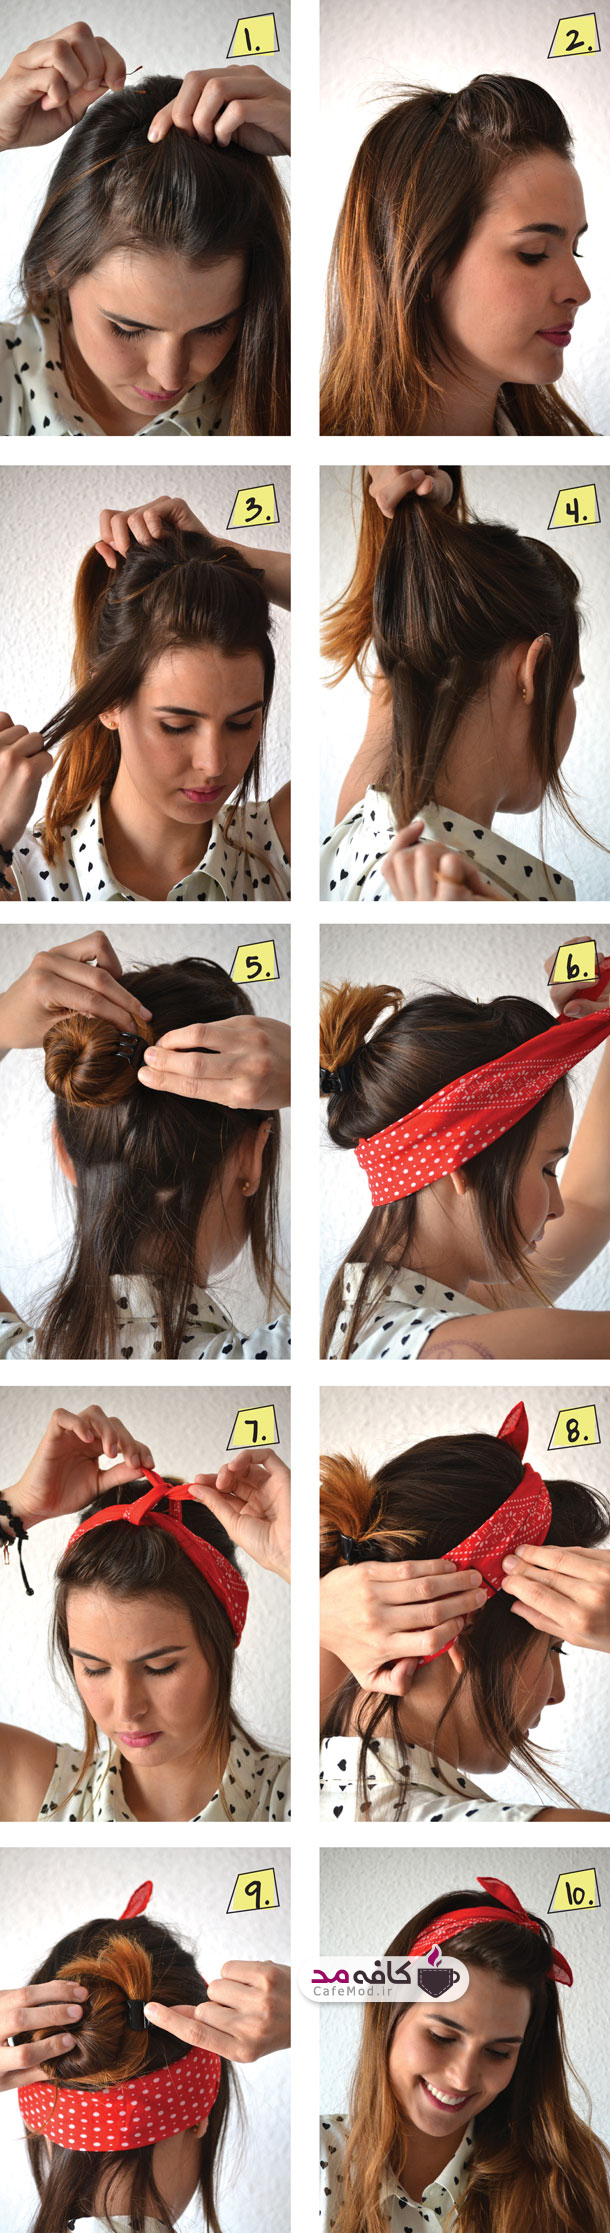 آموزش بستن موها با هد بند